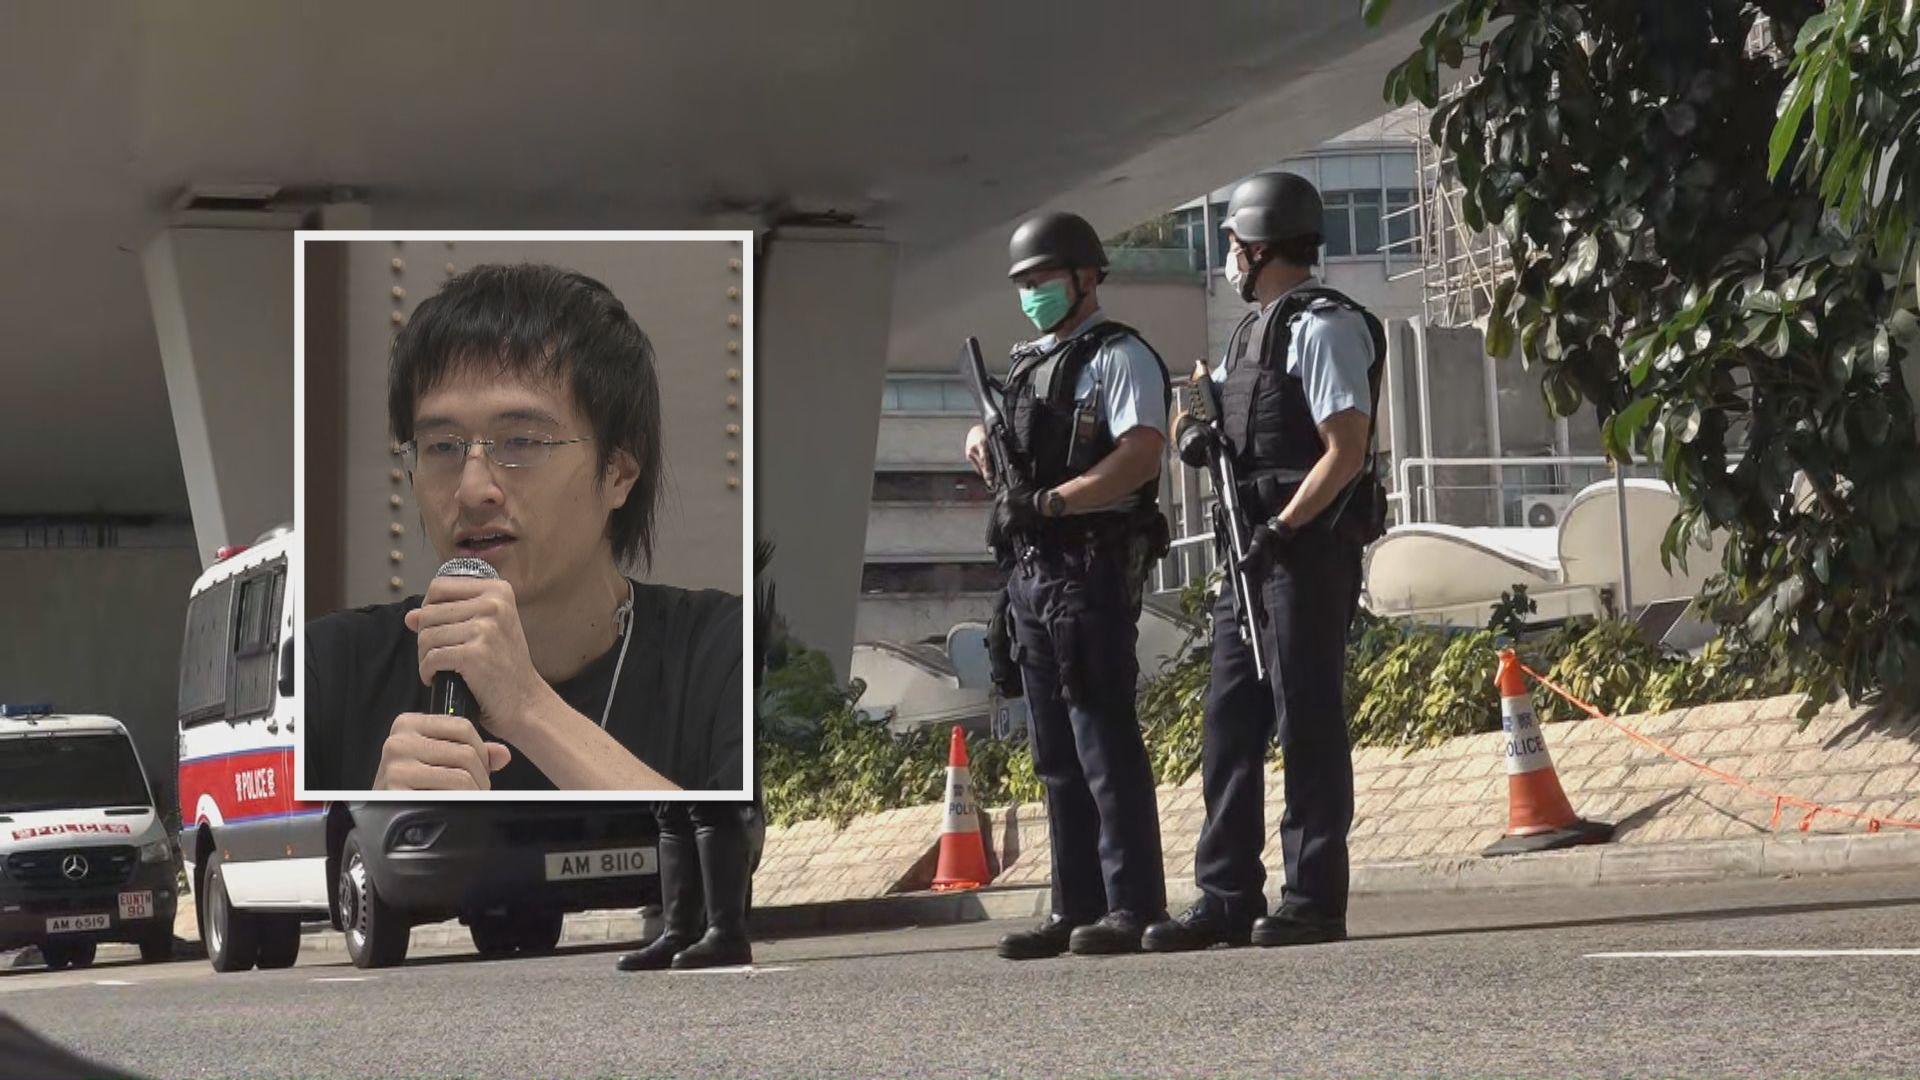 12港人李宇軒代表律師否認是官派律師